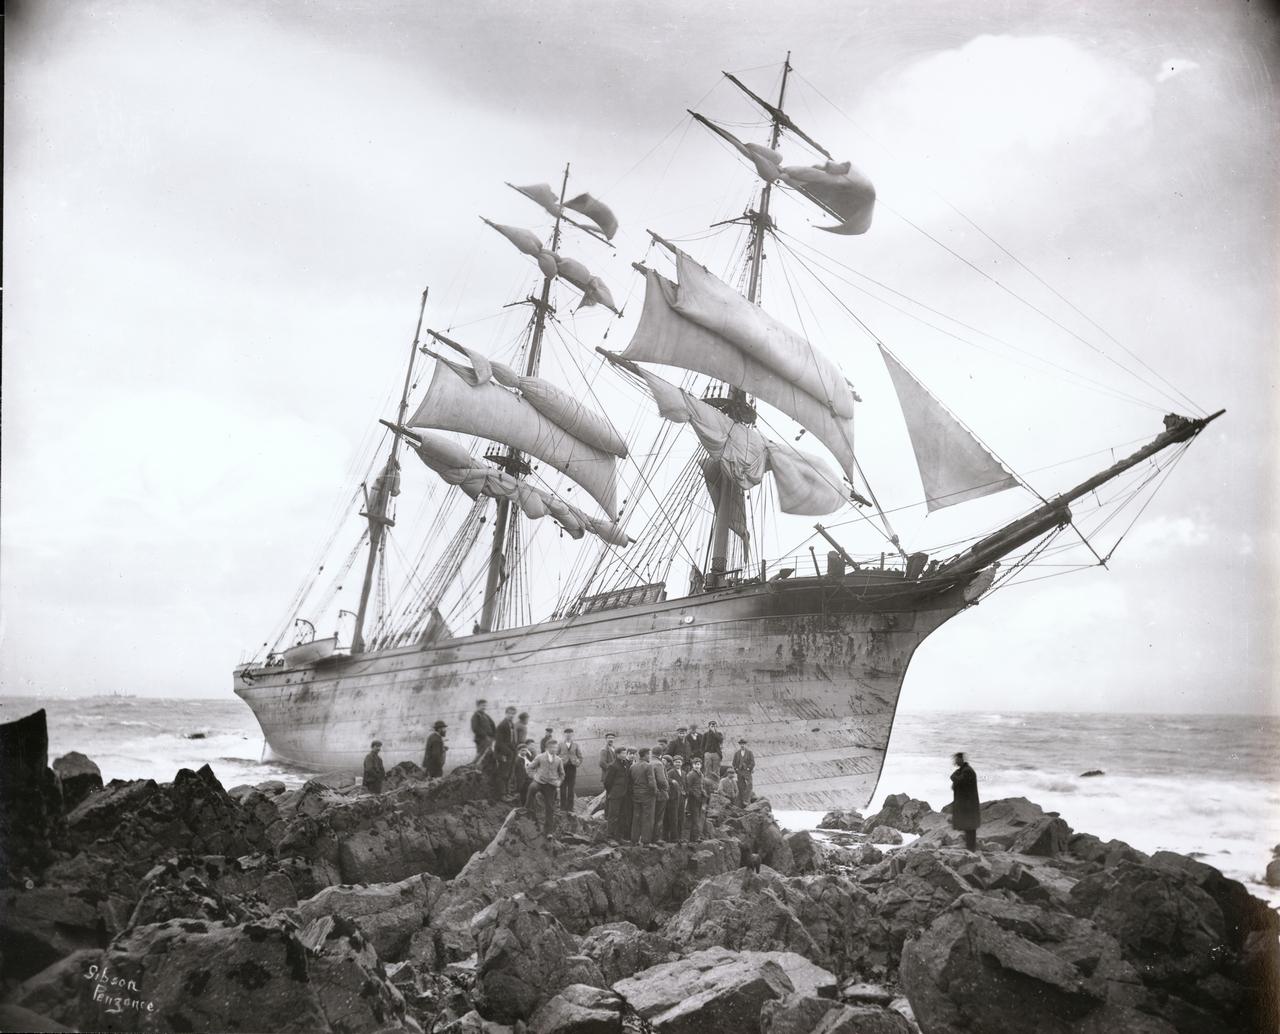 sothebysallasta-le-foto-storiche-di-grandi-naufragi-della-collezione-gibsons-of-scilly_0_1004